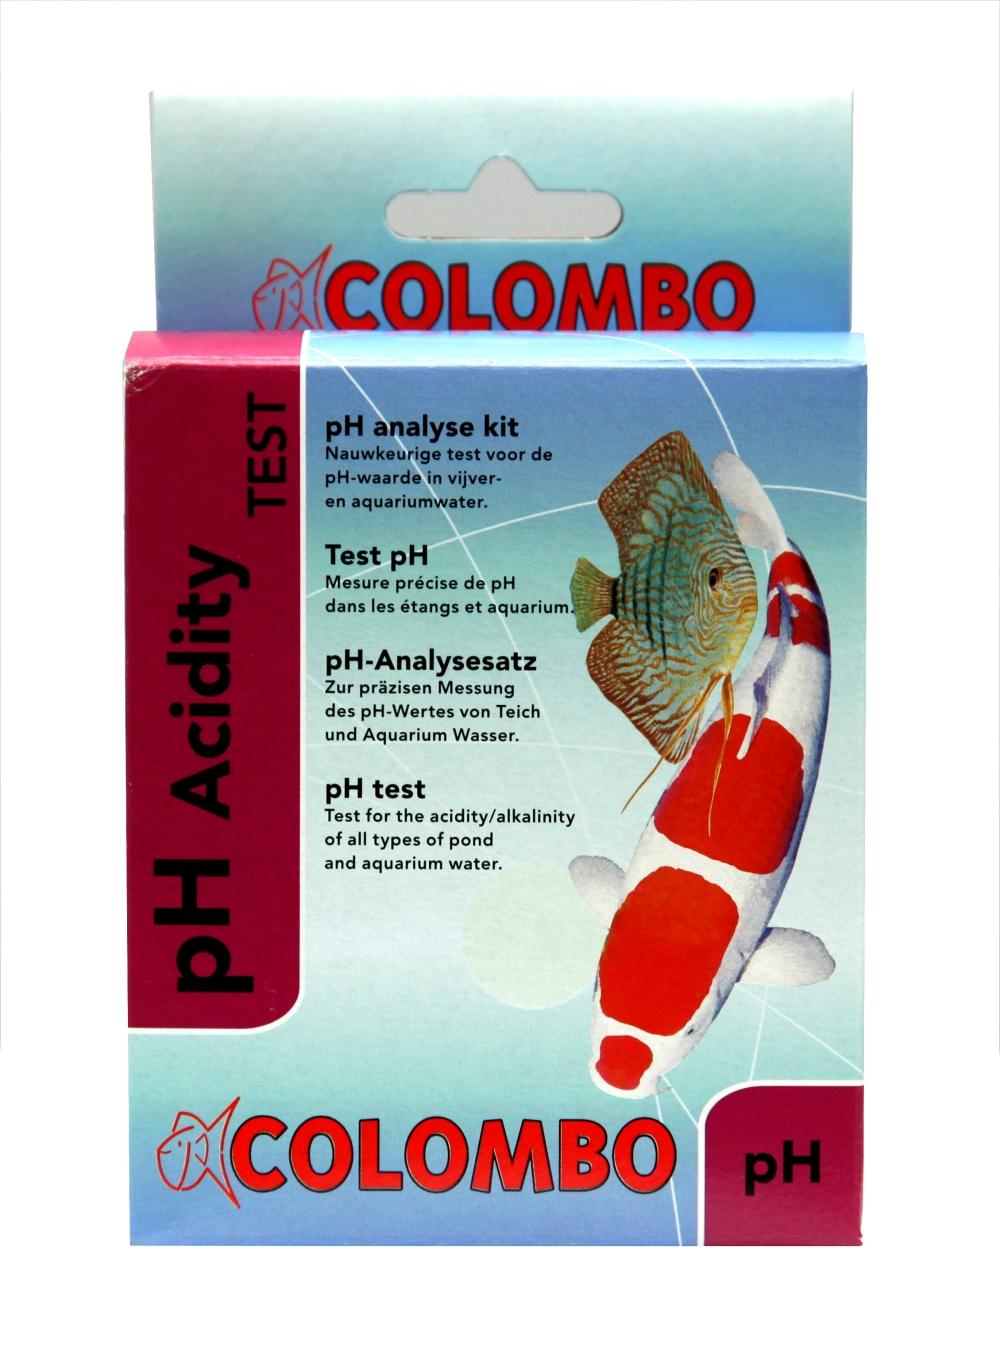 Tröpchentest pH-Wert einzeln, hier am Beispiel der Marke Colombo